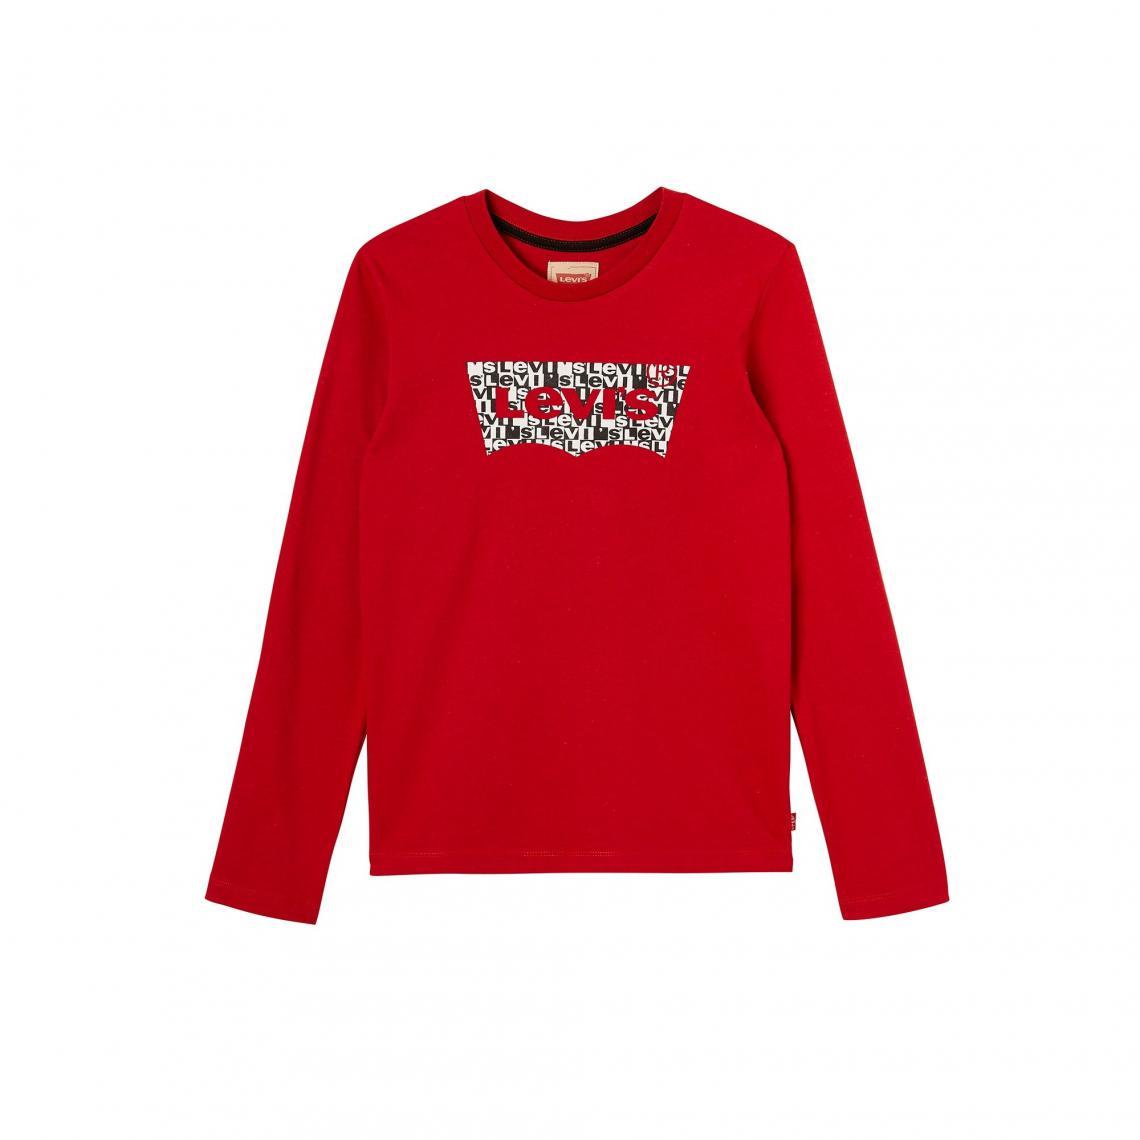 magasin en ligne b9792 928c9 T-shirt manches longues garçon Levi's Kids   3 SUISSES